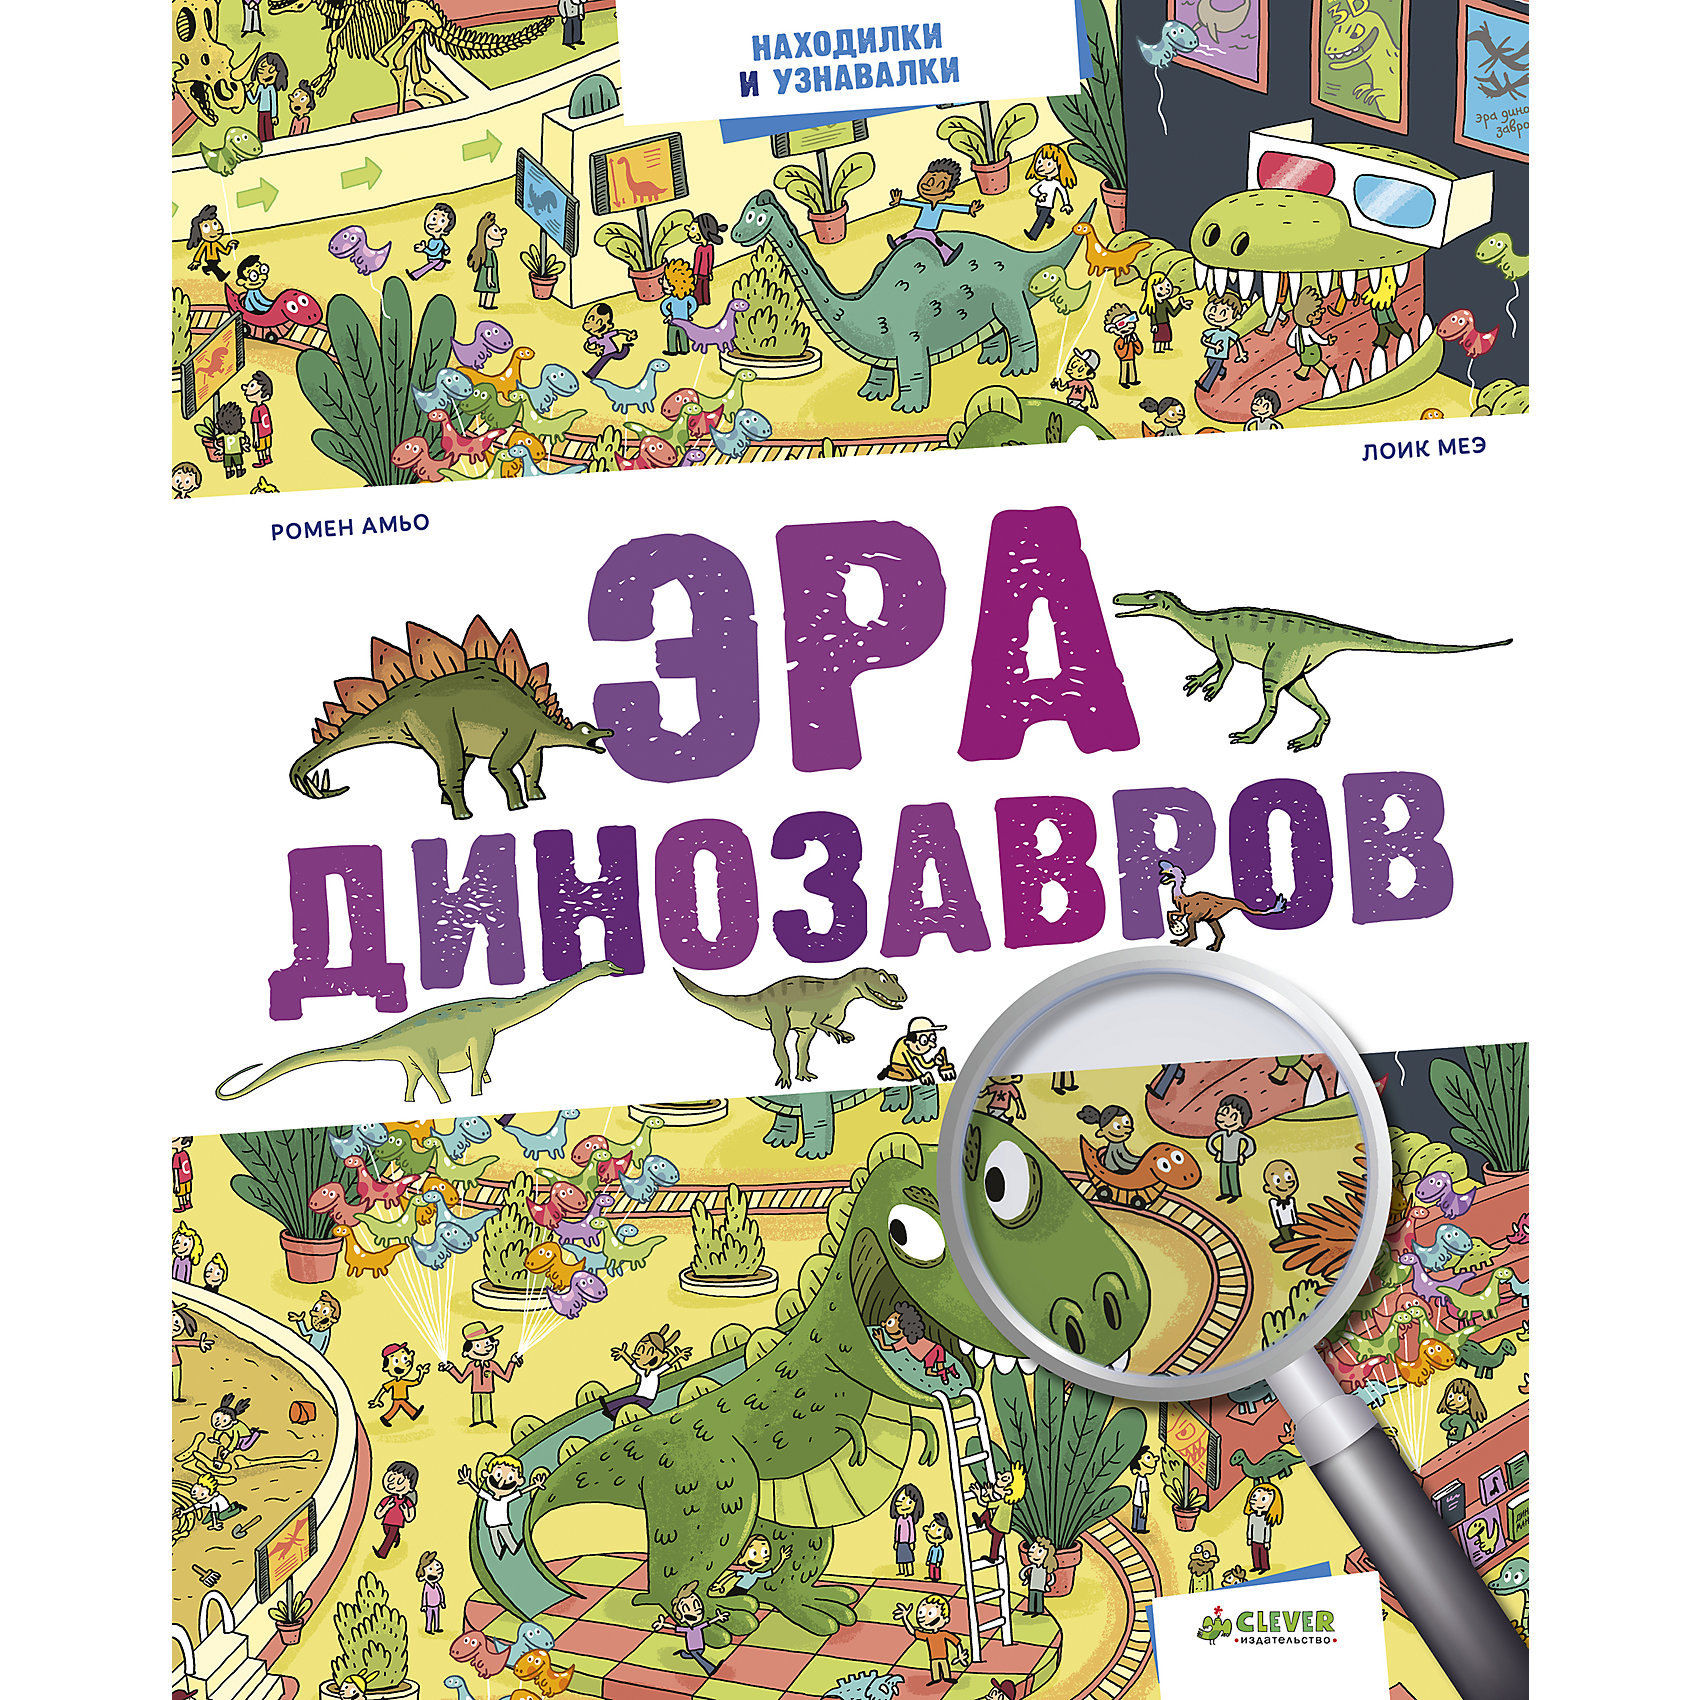 Эра динозавровCLEVER (КЛЕВЕР)<br>Эра динозавров.<br><br>Характеристики:<br><br>- Формат издания :245x340 мм (большой формат).<br>- Количество страниц: 32.<br>- Год выпуска: 2016.<br>- Издательство: Клевер- Медиа- Групп.<br>- Серия: Находилки и узнавалки.<br><br>На страницах этой книги затерялись тираннозавр рекс, спинозавр, диплодок и велоцираптор. Сможешь ли ты их найти?<br>- Краткое описание временного периода.<br>- Интересная и познавательная информация.<br>- Динозавры, которых надо найти.<br>- Панорамная картинка.  Играй, учись и веселись!<br>С такой книгой путешествие по Эре динозавров  станет занимательным и увлекательным для вашего ребенка!<br><br>Эра динозавров, можно купить в нашем интернет – магазине.<br><br>Ширина мм: 300<br>Глубина мм: 240<br>Высота мм: 8<br>Вес г: 440<br>Возраст от месяцев: 84<br>Возраст до месяцев: 132<br>Пол: Унисекс<br>Возраст: Детский<br>SKU: 5377808